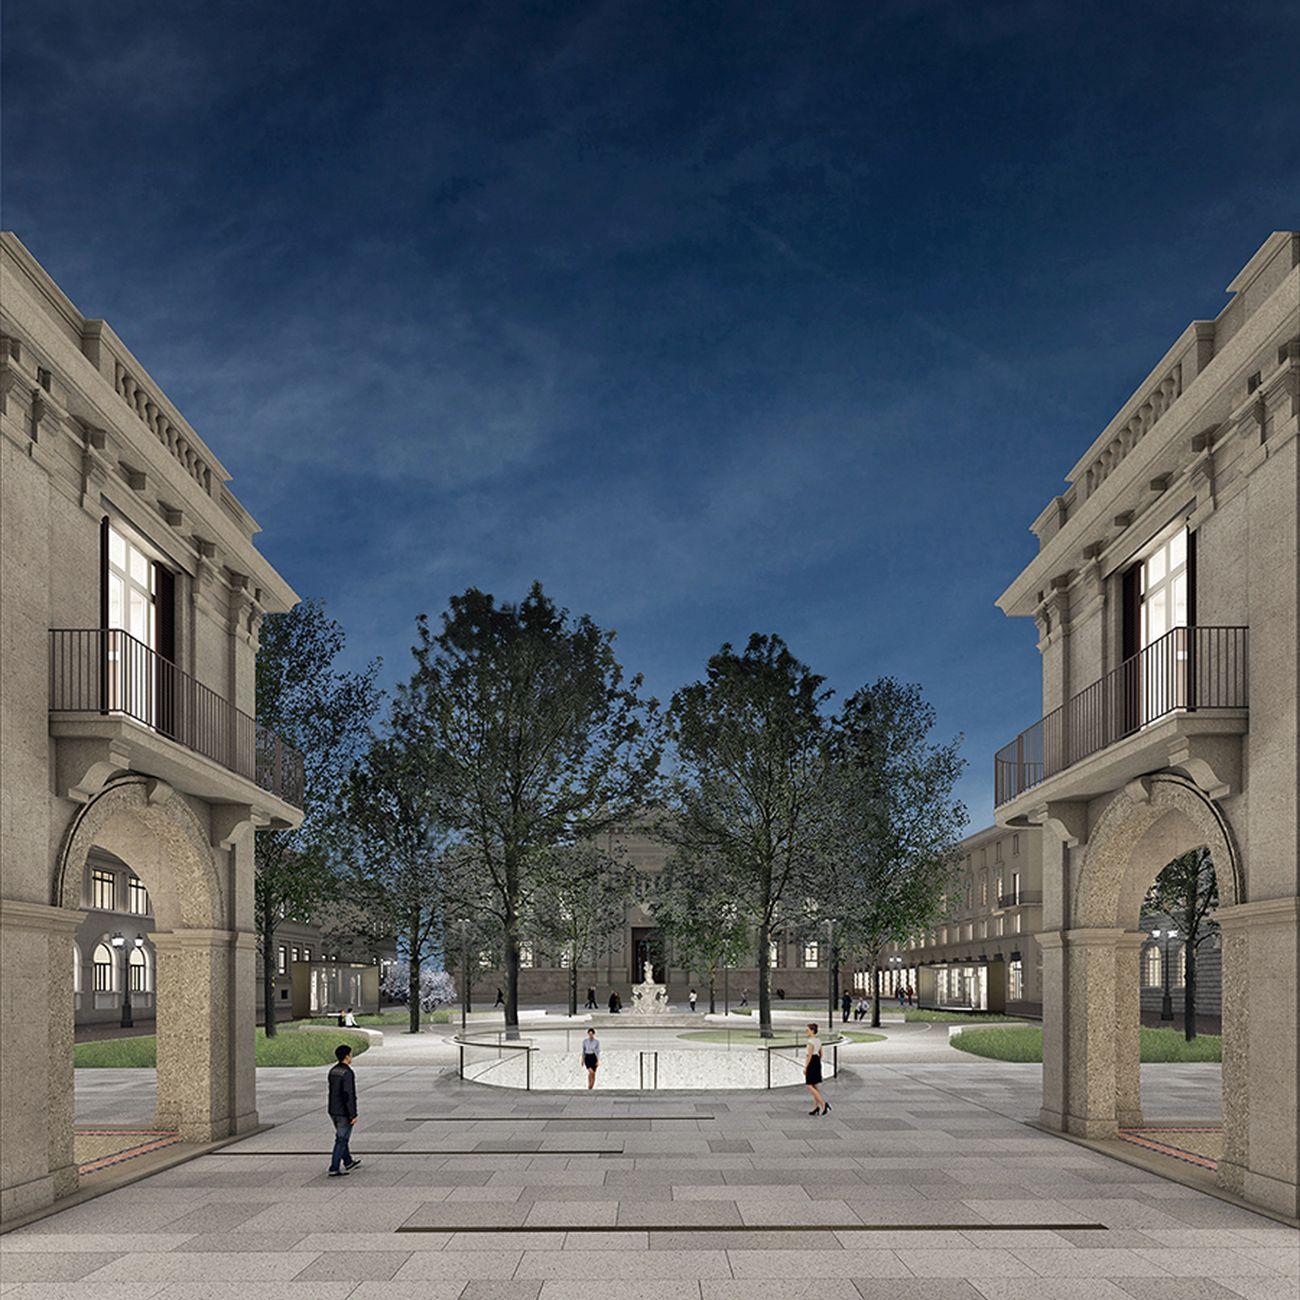 Centro Piacentiniano, Bergamo. Vista su Piazza Dante in notturna. Photo credit Gruppo Flânerie